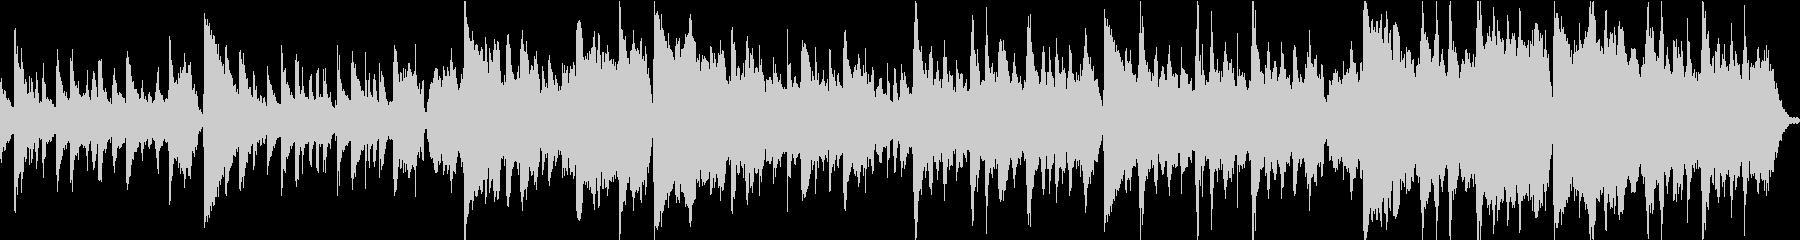 ストリングス系のホラーbgmループokの未再生の波形